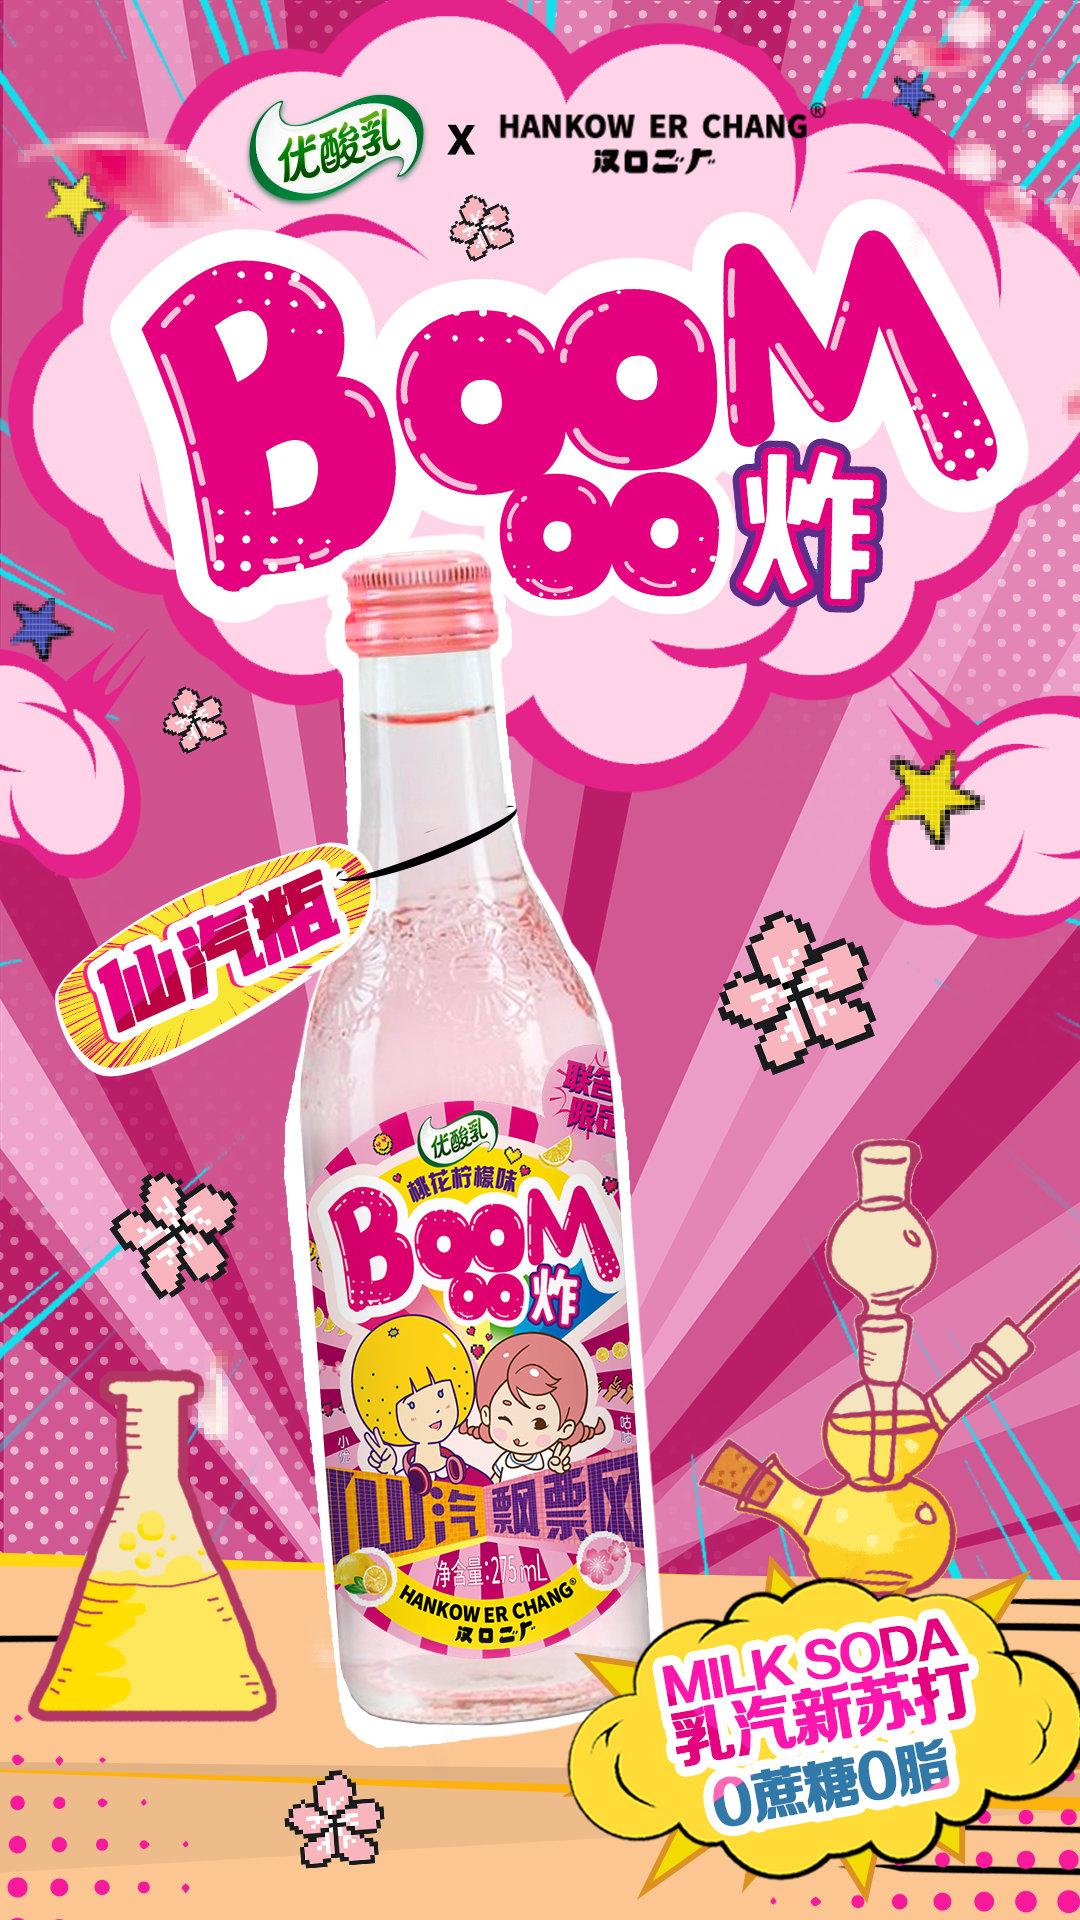 联合@汉口二厂 一起搞事情了!,乳+汽神仙操作!桃花柠檬味